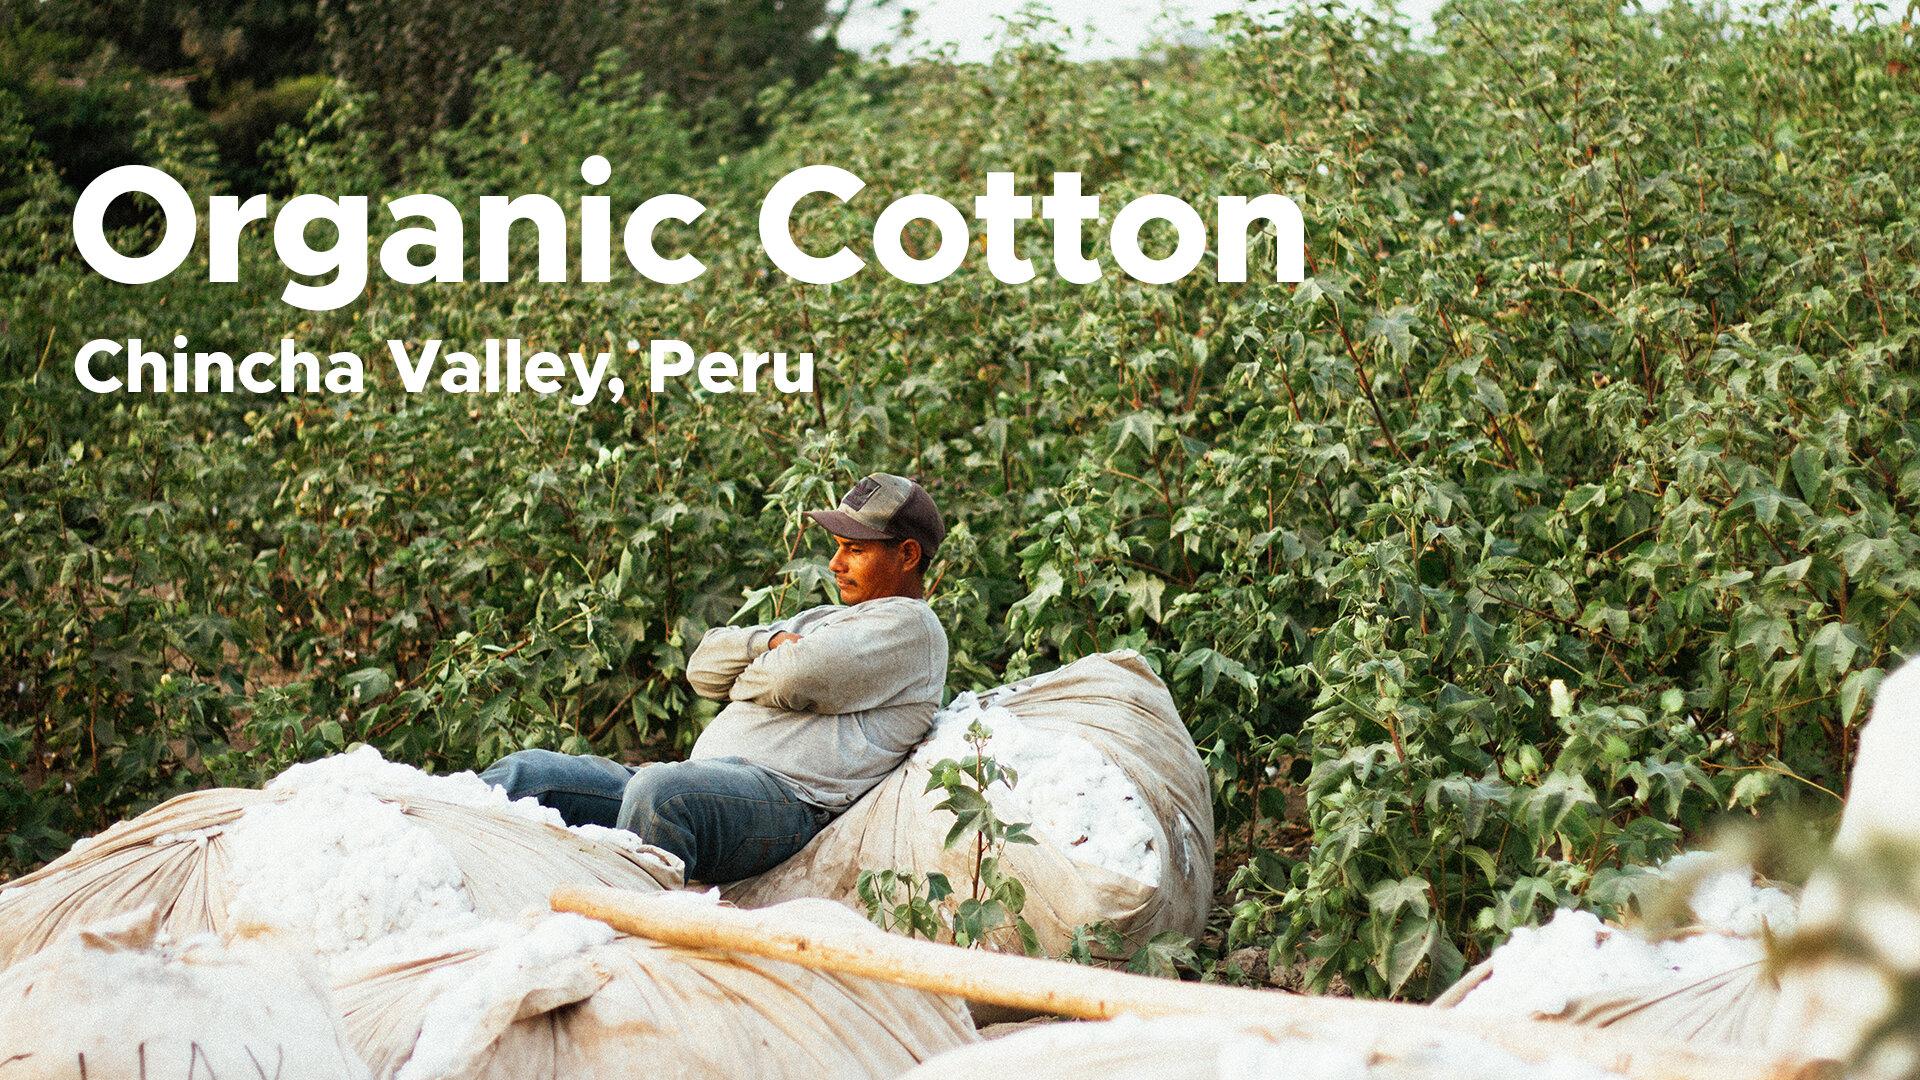 organiccotton.jpg